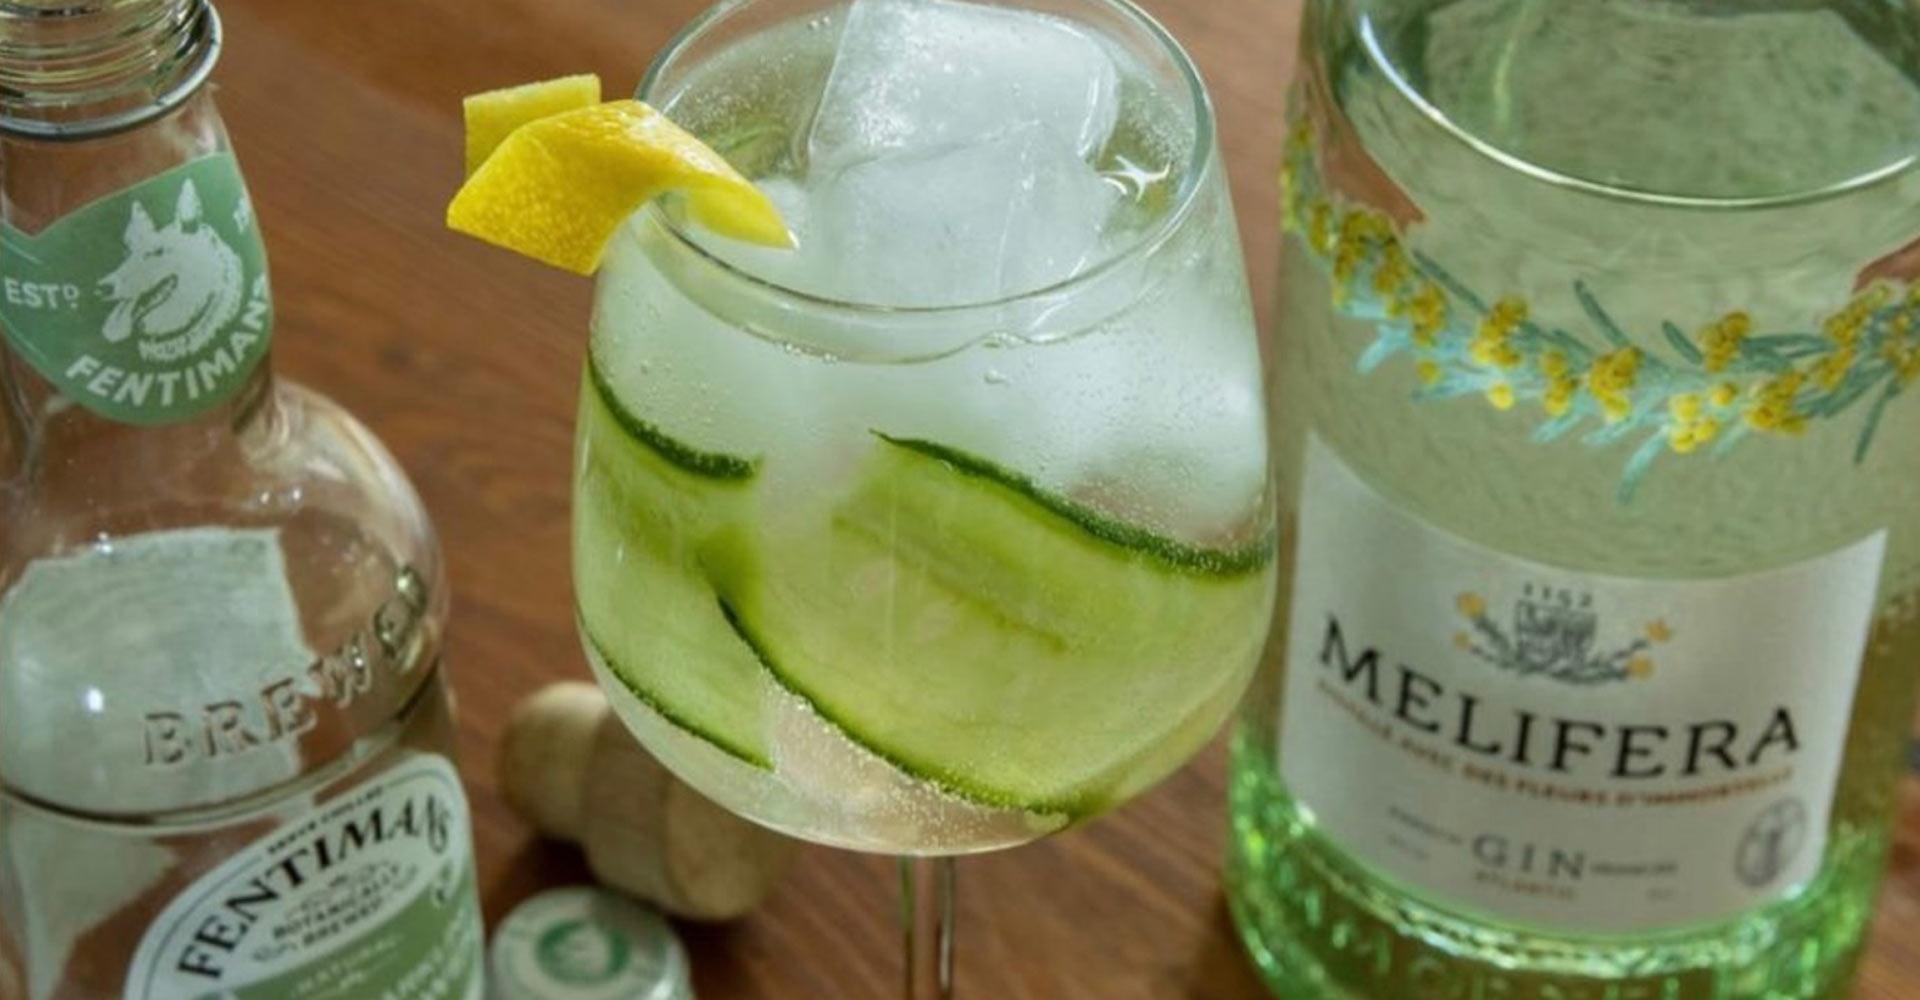 Eau-tonique-Fentimans-la-selection-de-Melifera-pour-sublimer-son-gin